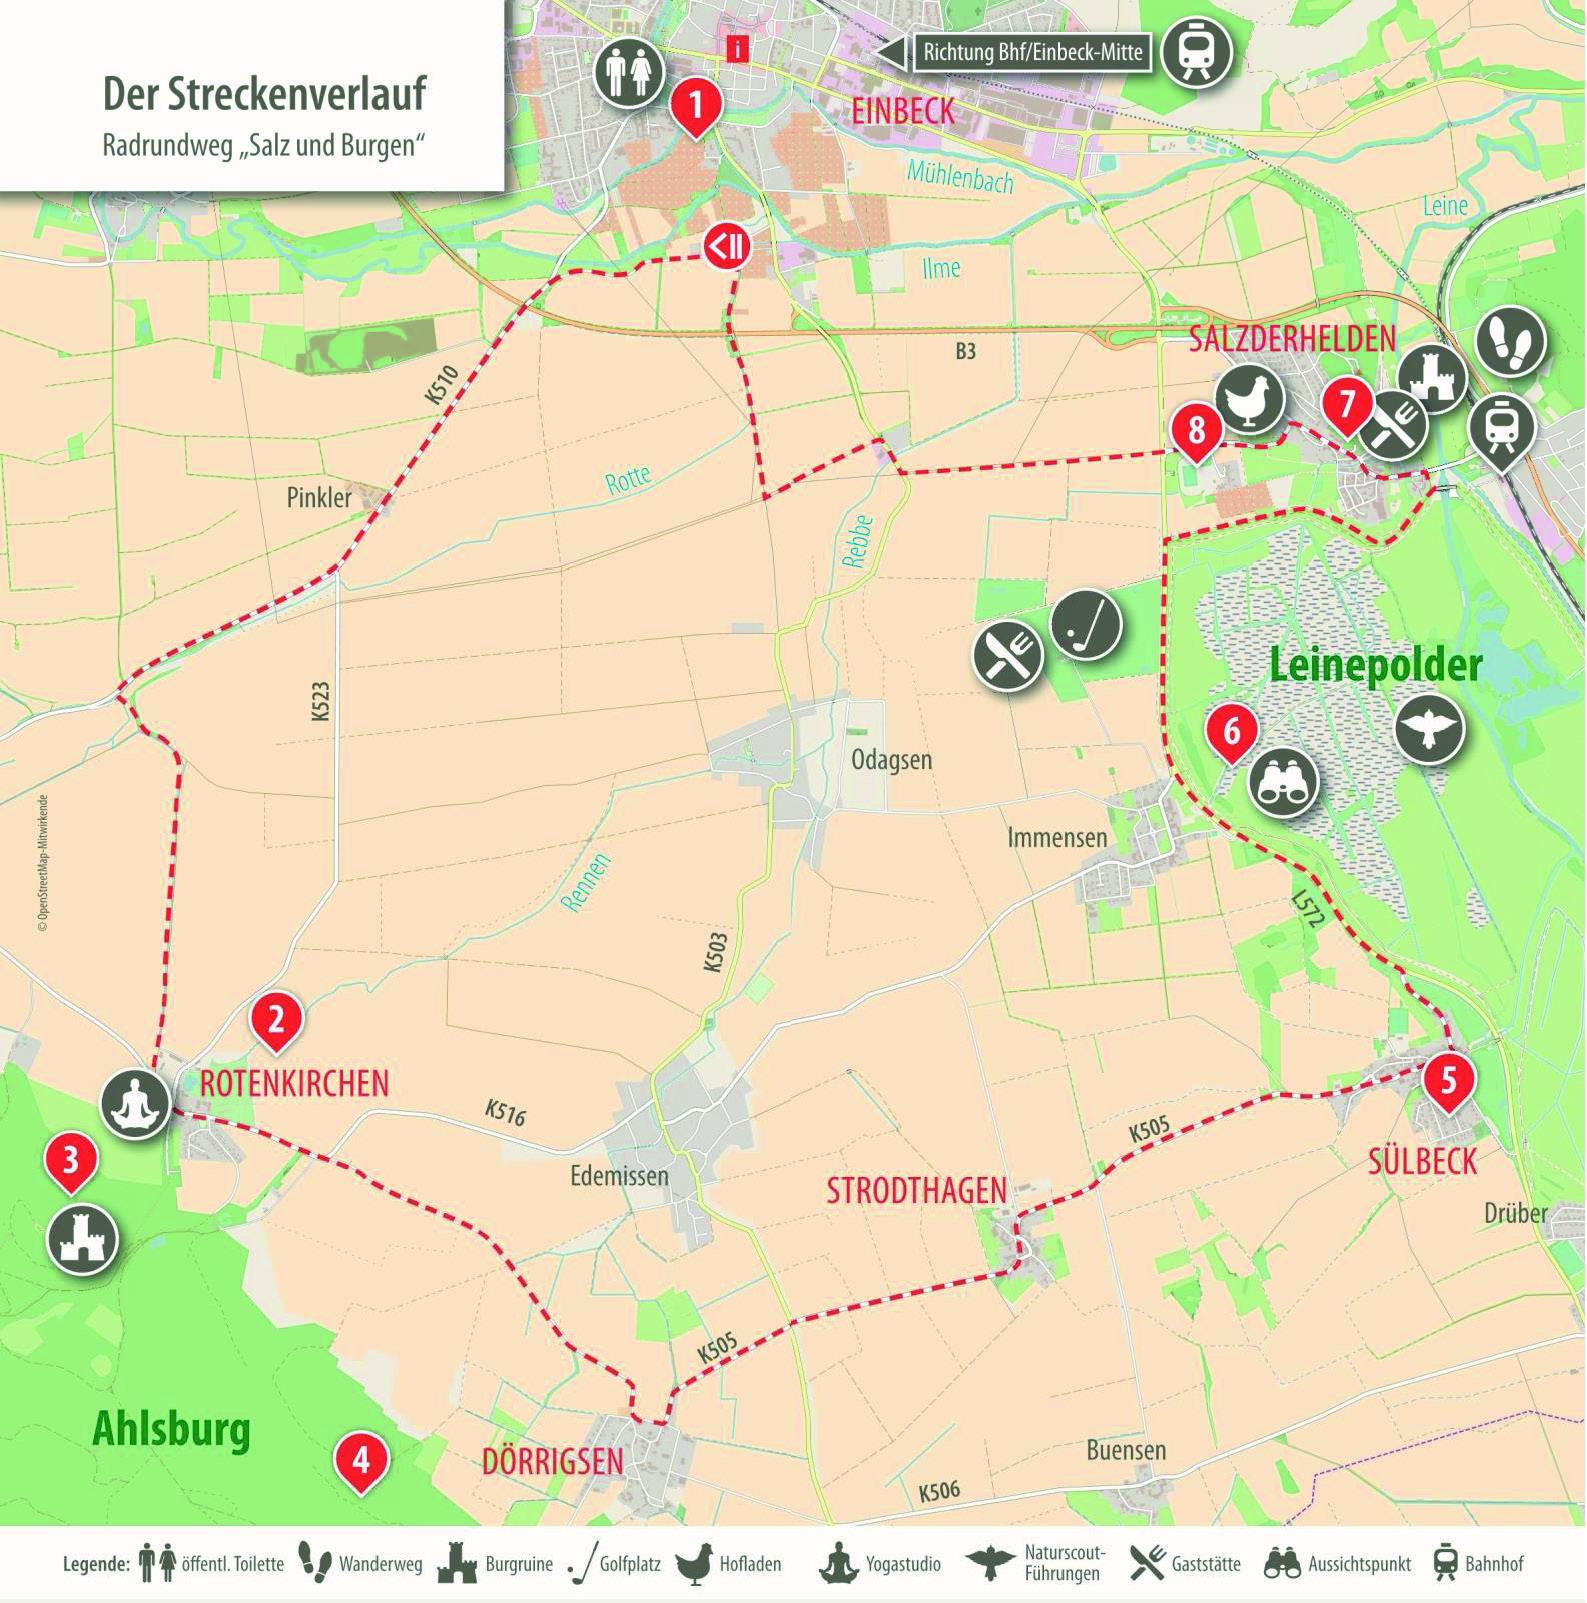 Karte Radrundweg Salz und Burgen